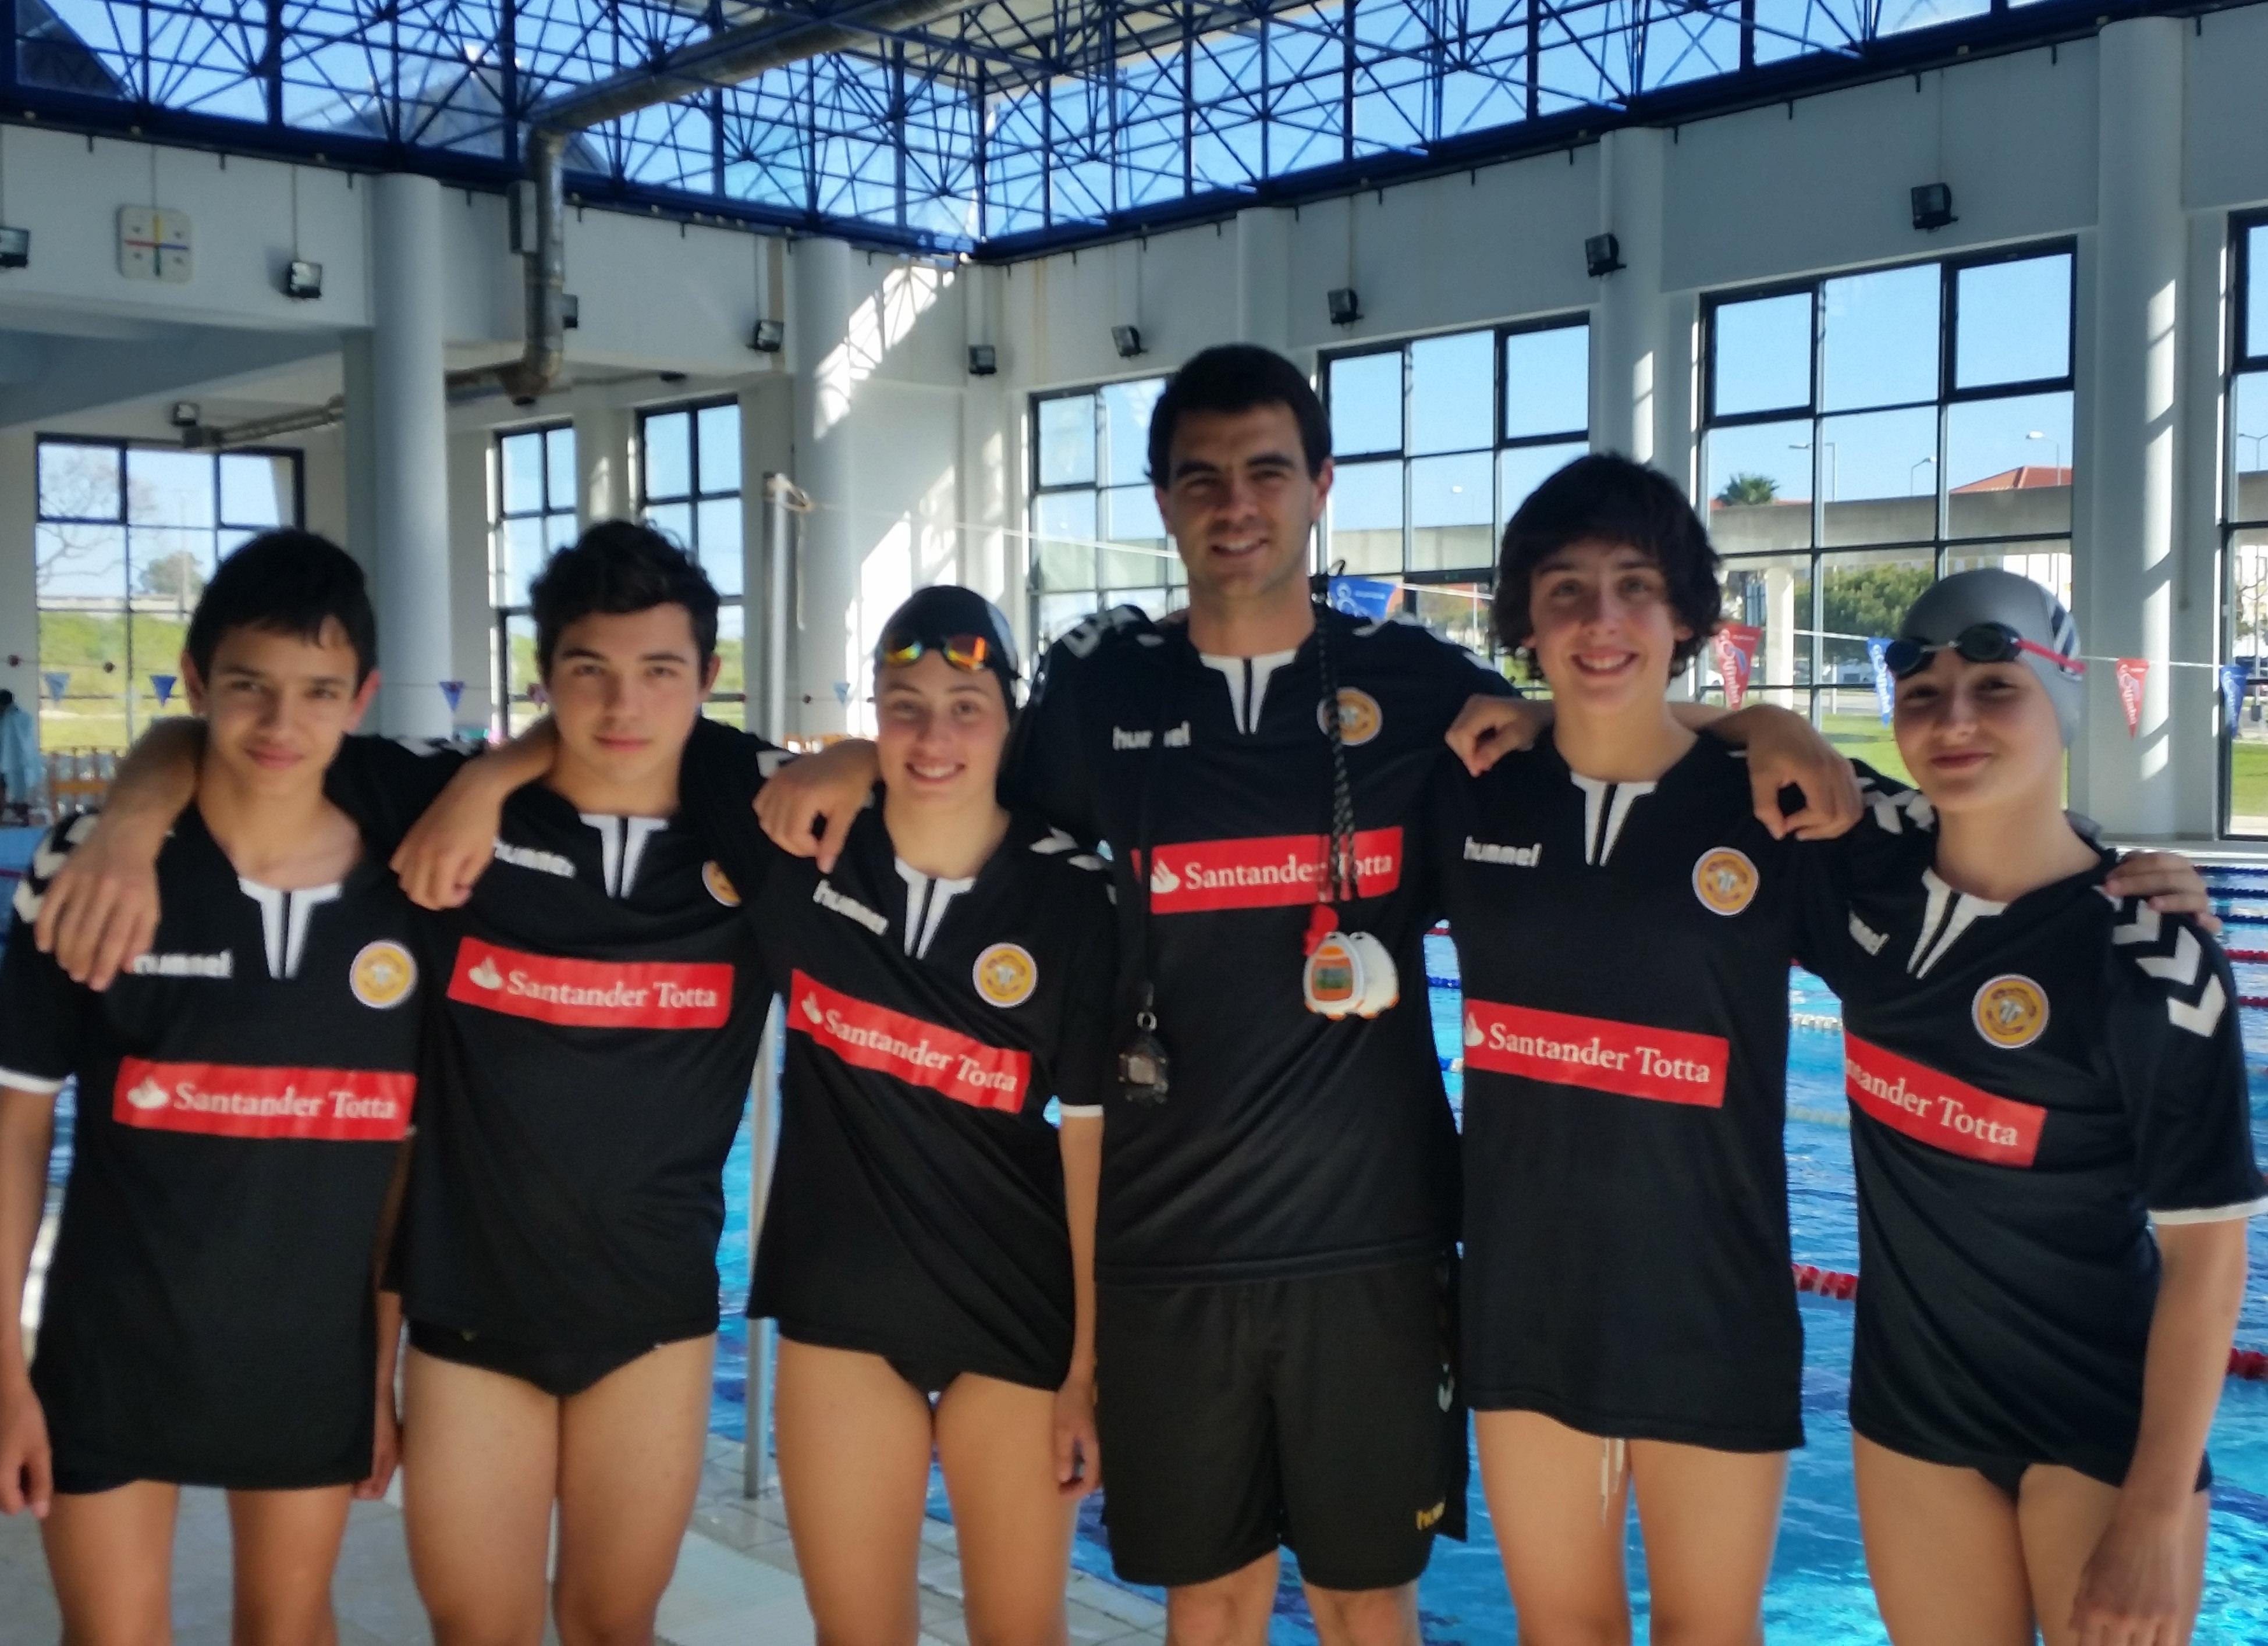 Feirense: Clube Desportivo Nacional Infantis Em Sines Para Os